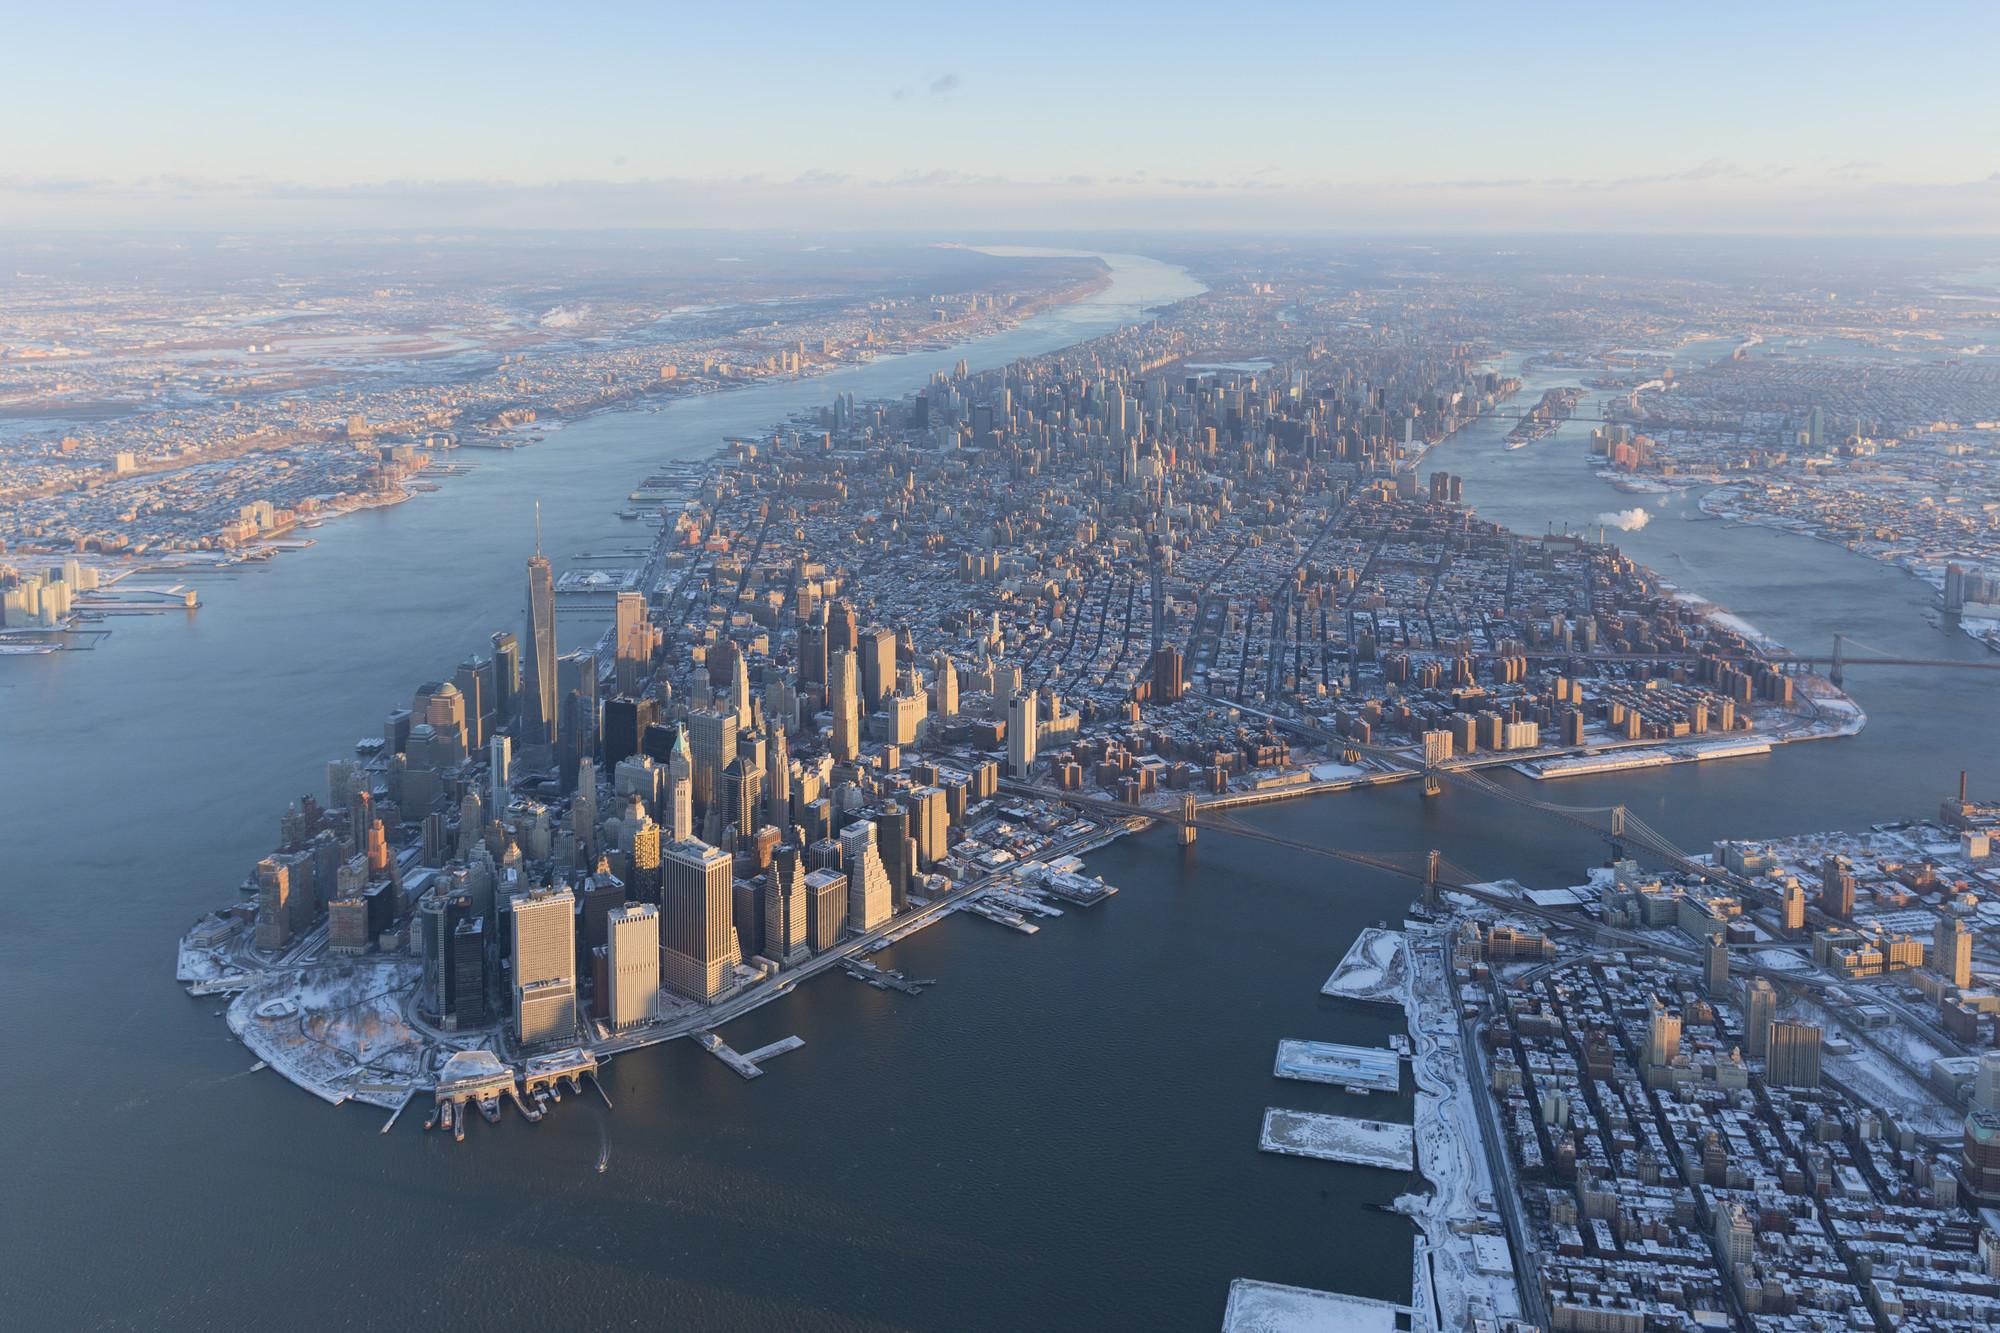 Invierno 2014, Ciudad de Nueva York. Imagen © Iwan Baan